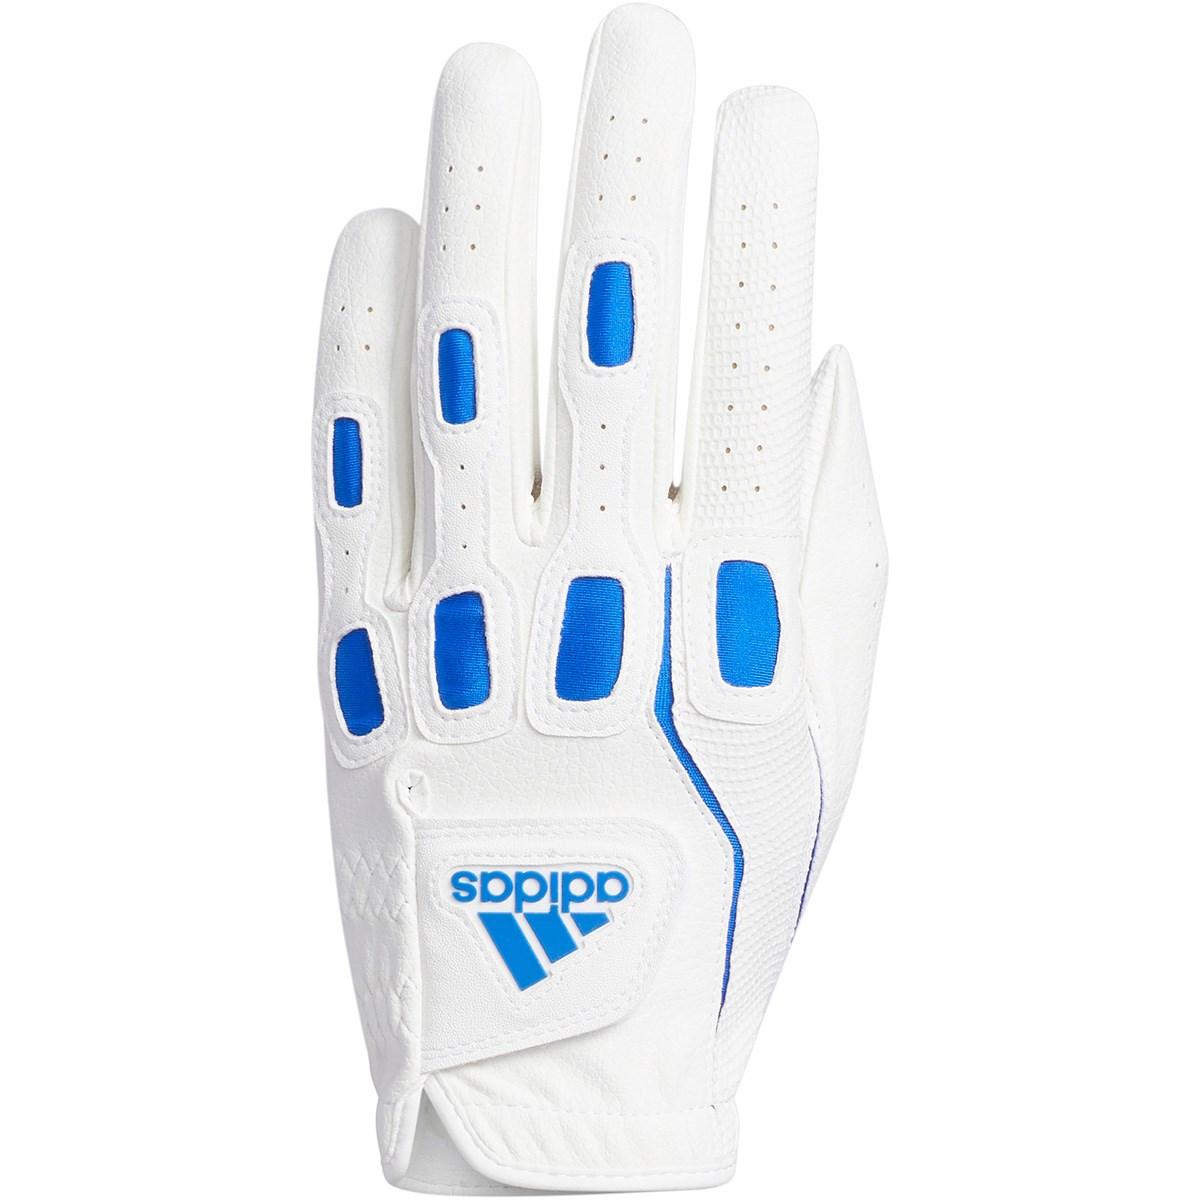 アディダス Adidas マルチフィット9 グローブ 23cm 左手着用(右利き用) ホワイト/グローリーブルー